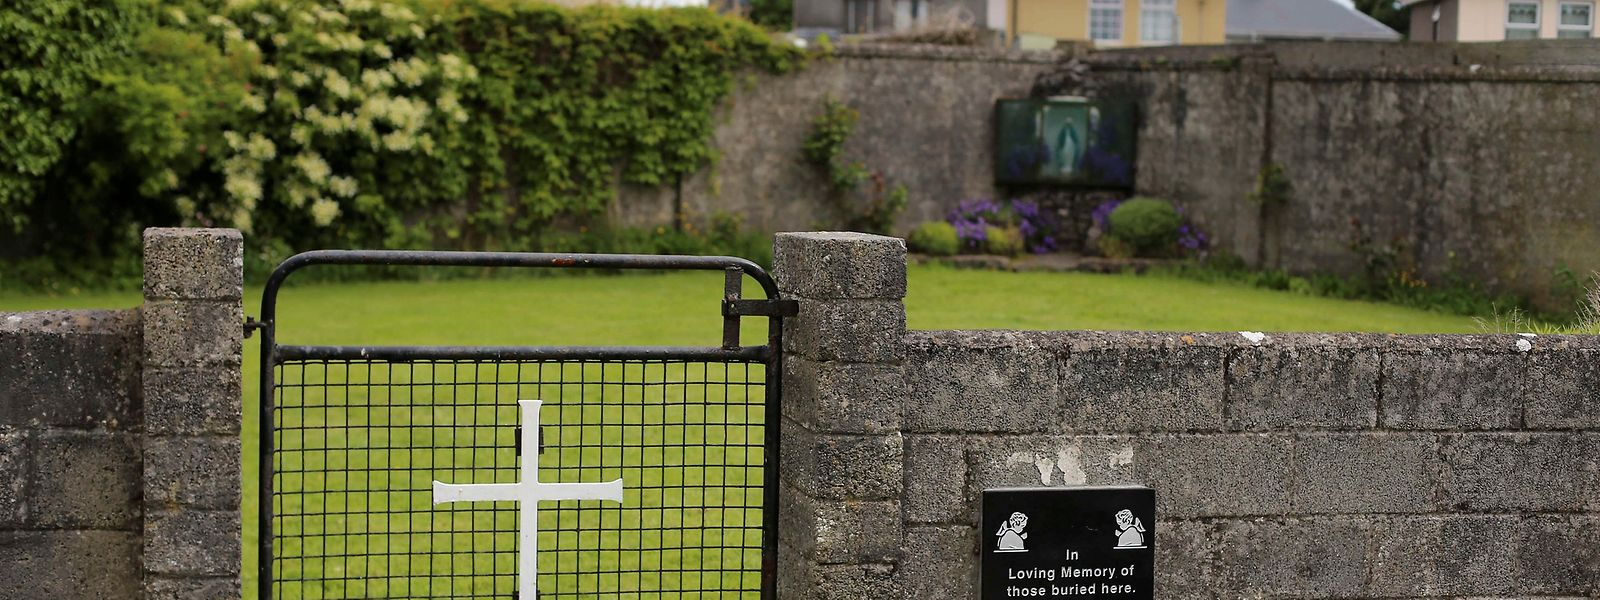 Unter dieser Grünfläche fanden die Ermittler das Massengrab, vermutlich aus dem Zeitraum 1925 bis 1961. Die inoffizielle Gedenkplatte rechts im Bild stammt von 2014.